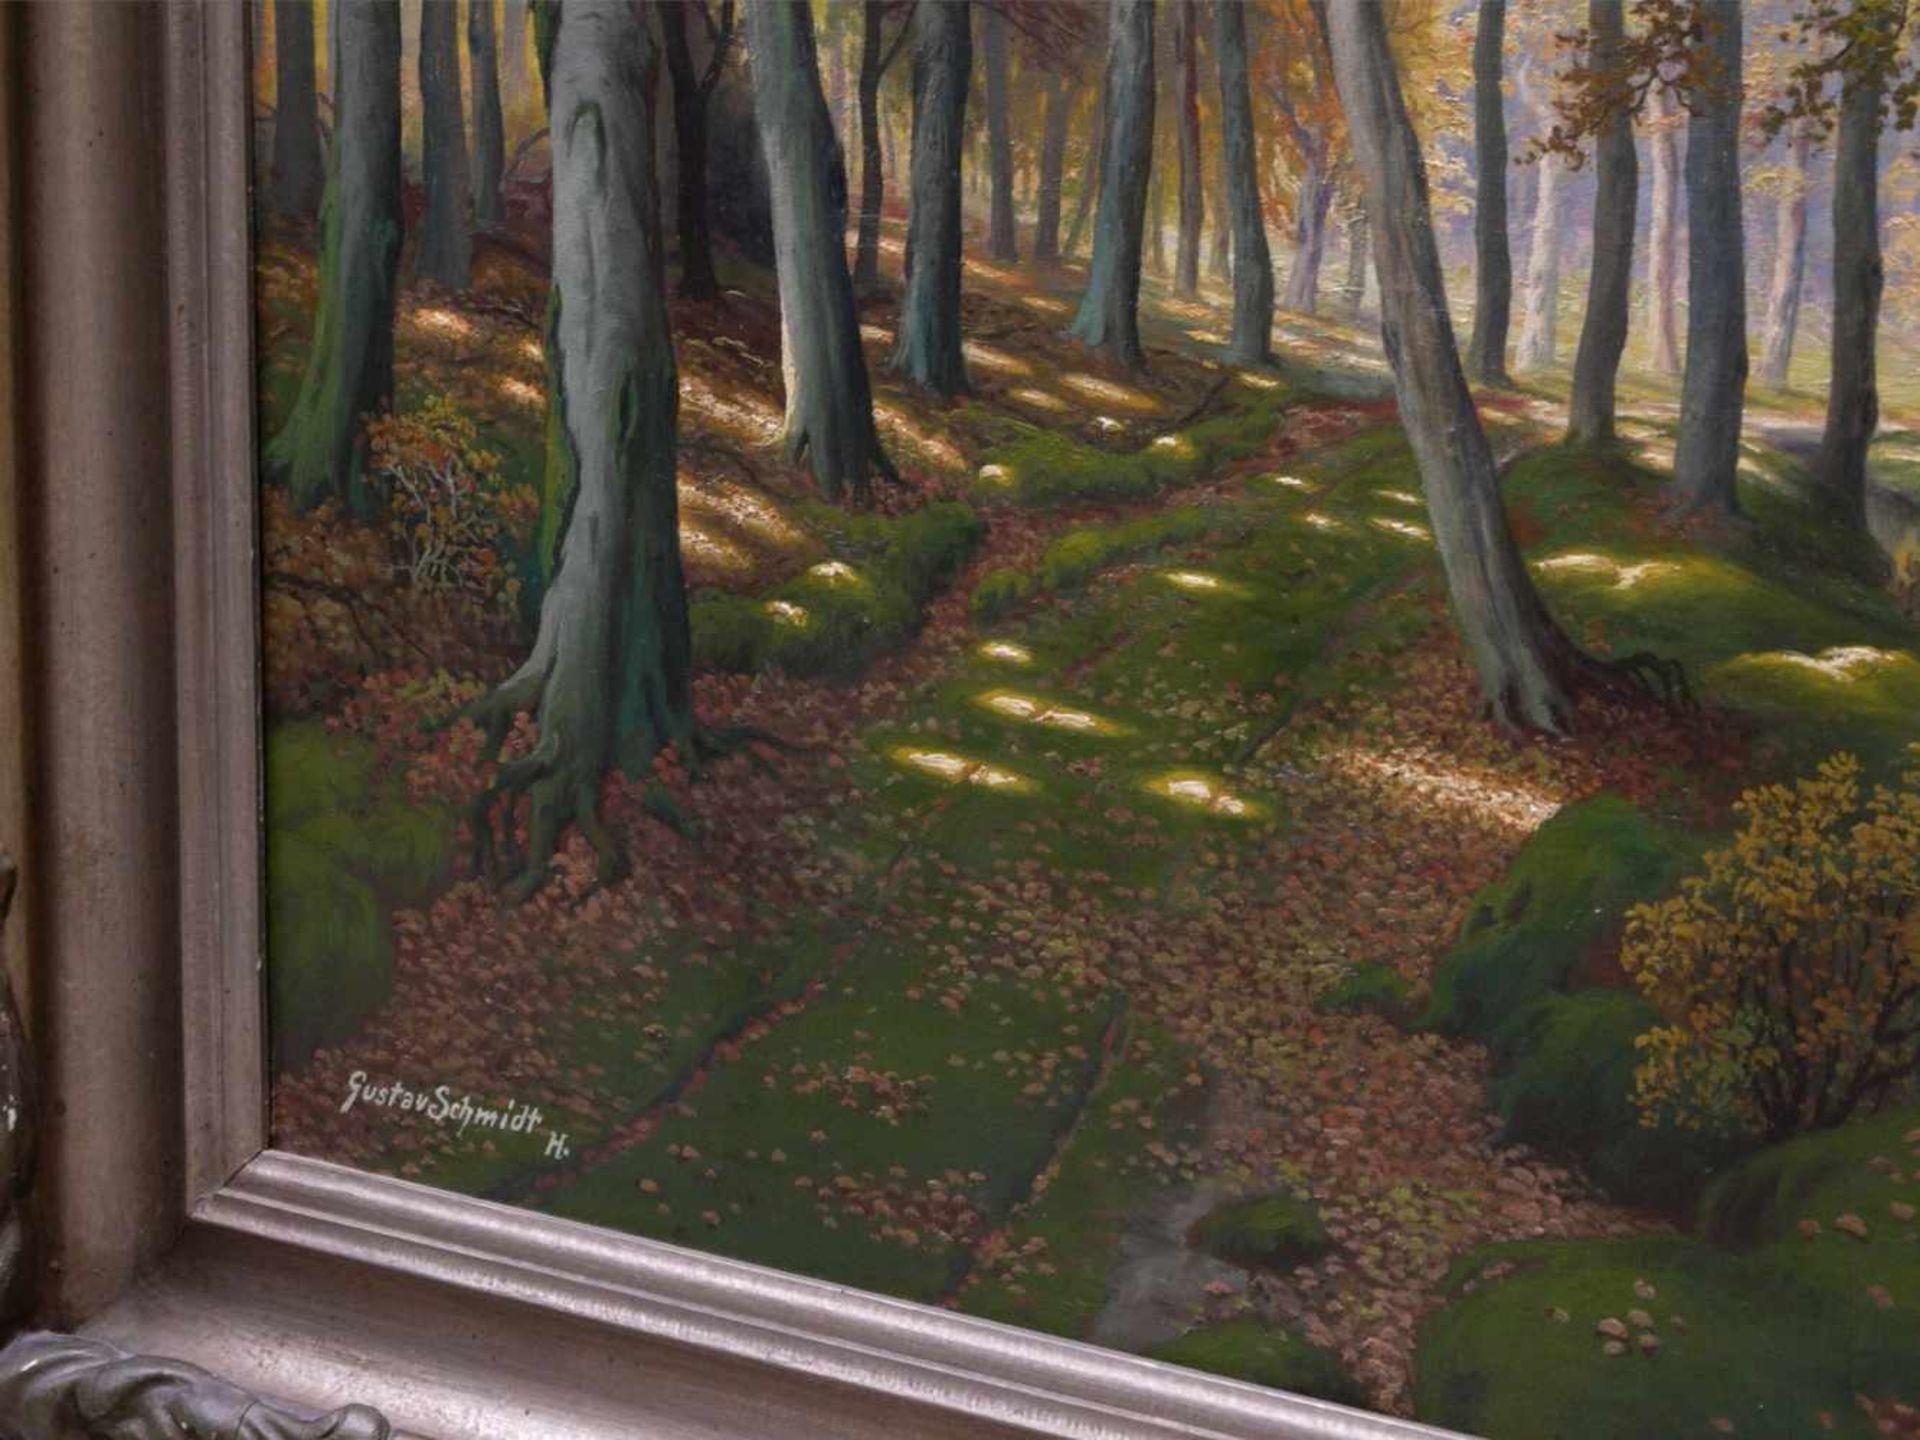 Schmidt, Gustav (1888-1972) - Lichter LaubwaldEin von hellem Licht durchfluteter Laubwald in - Bild 5 aus 7